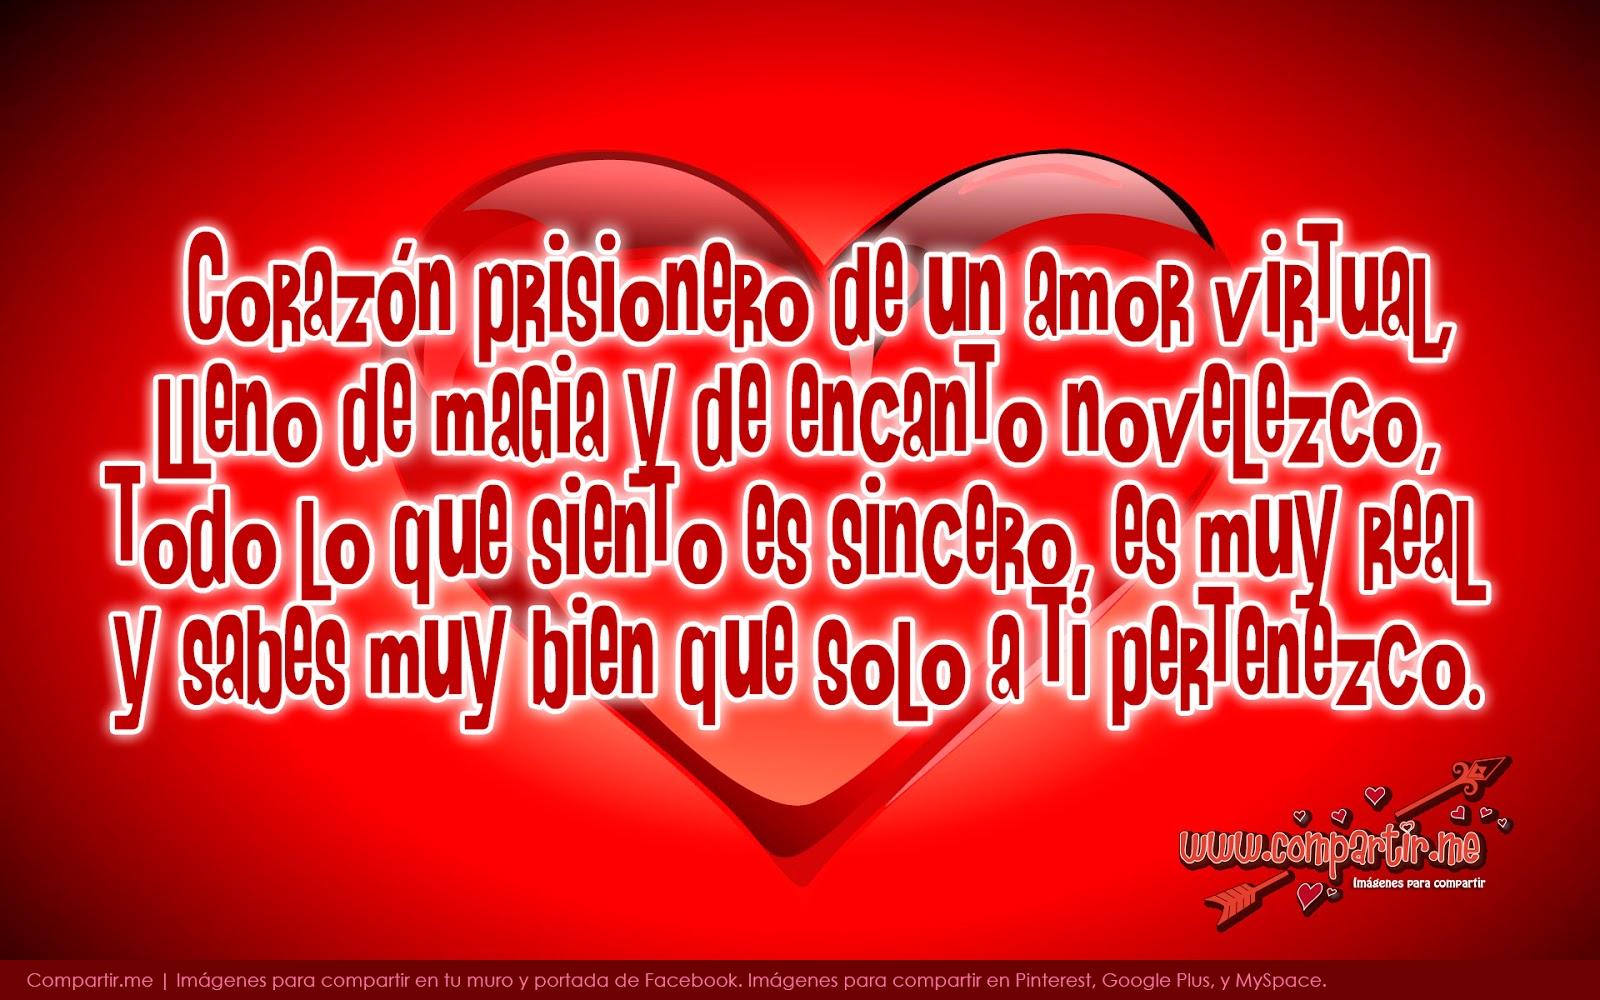 Coraz³n con Frases para de Amor Virtual